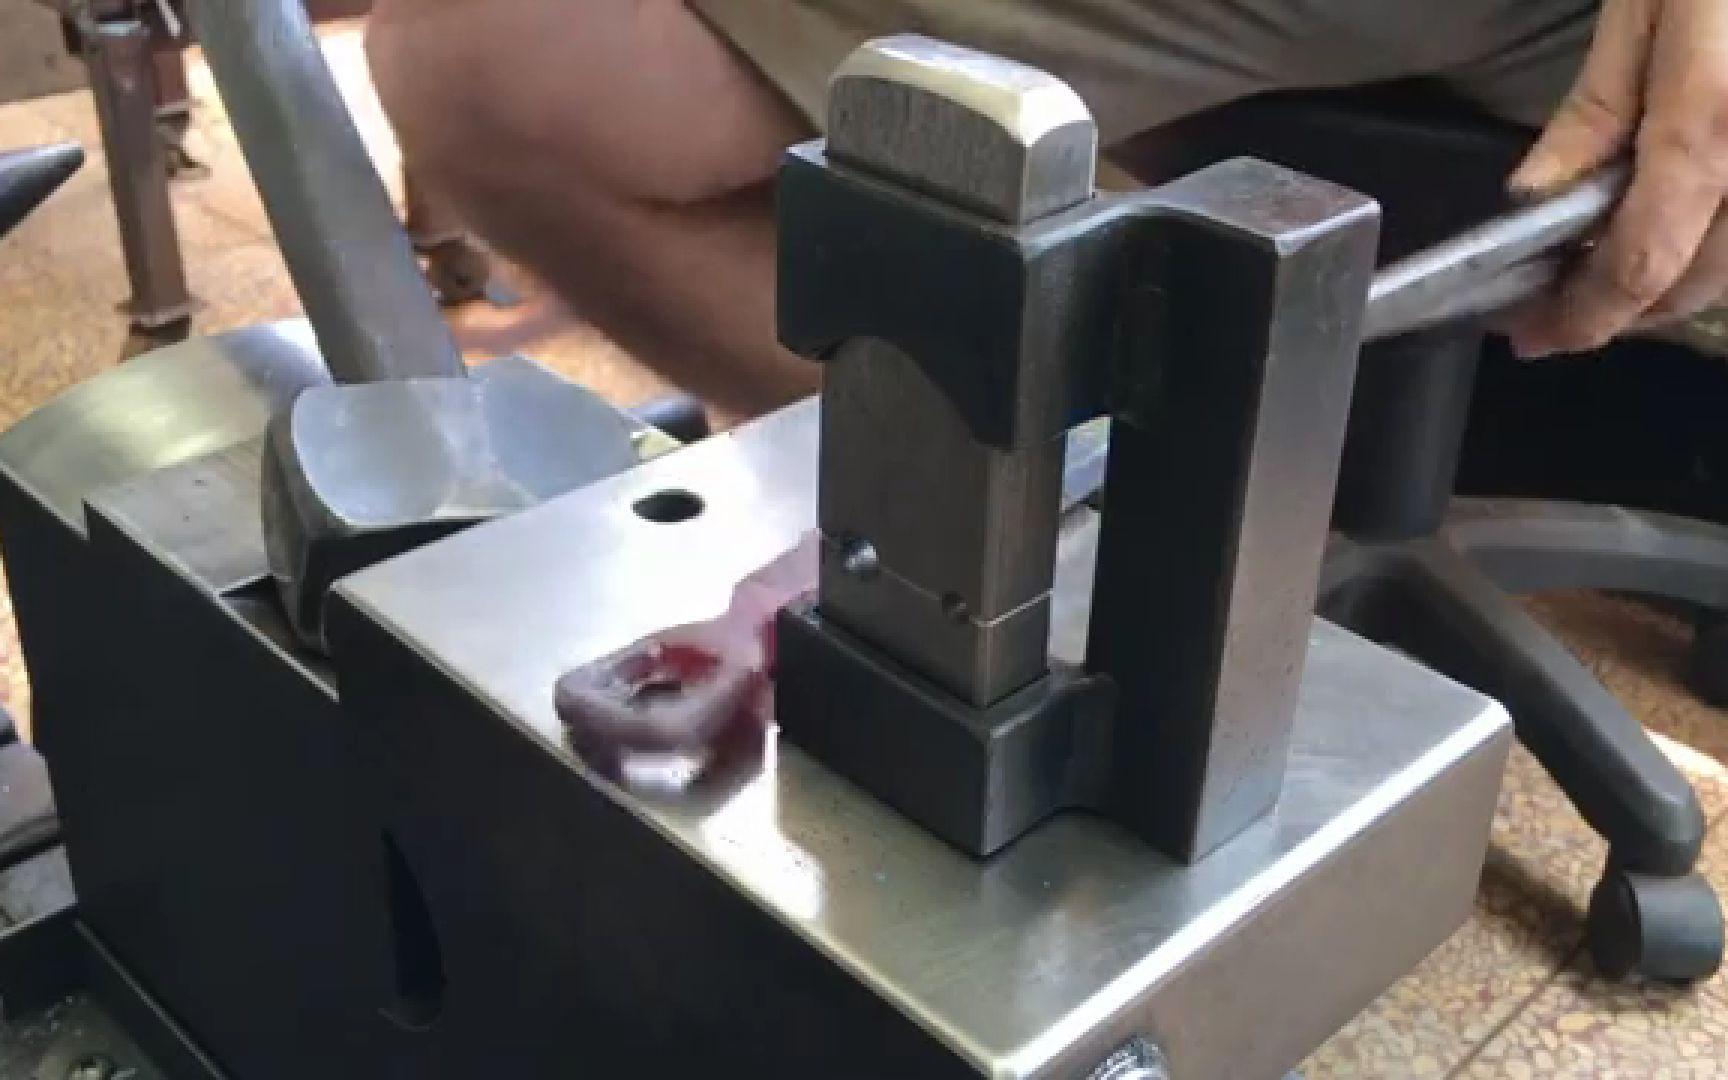 【搬运1080P】制作一个简单的铁匠模具Making Simple Tenon Dies / Rounding A Closed Eye